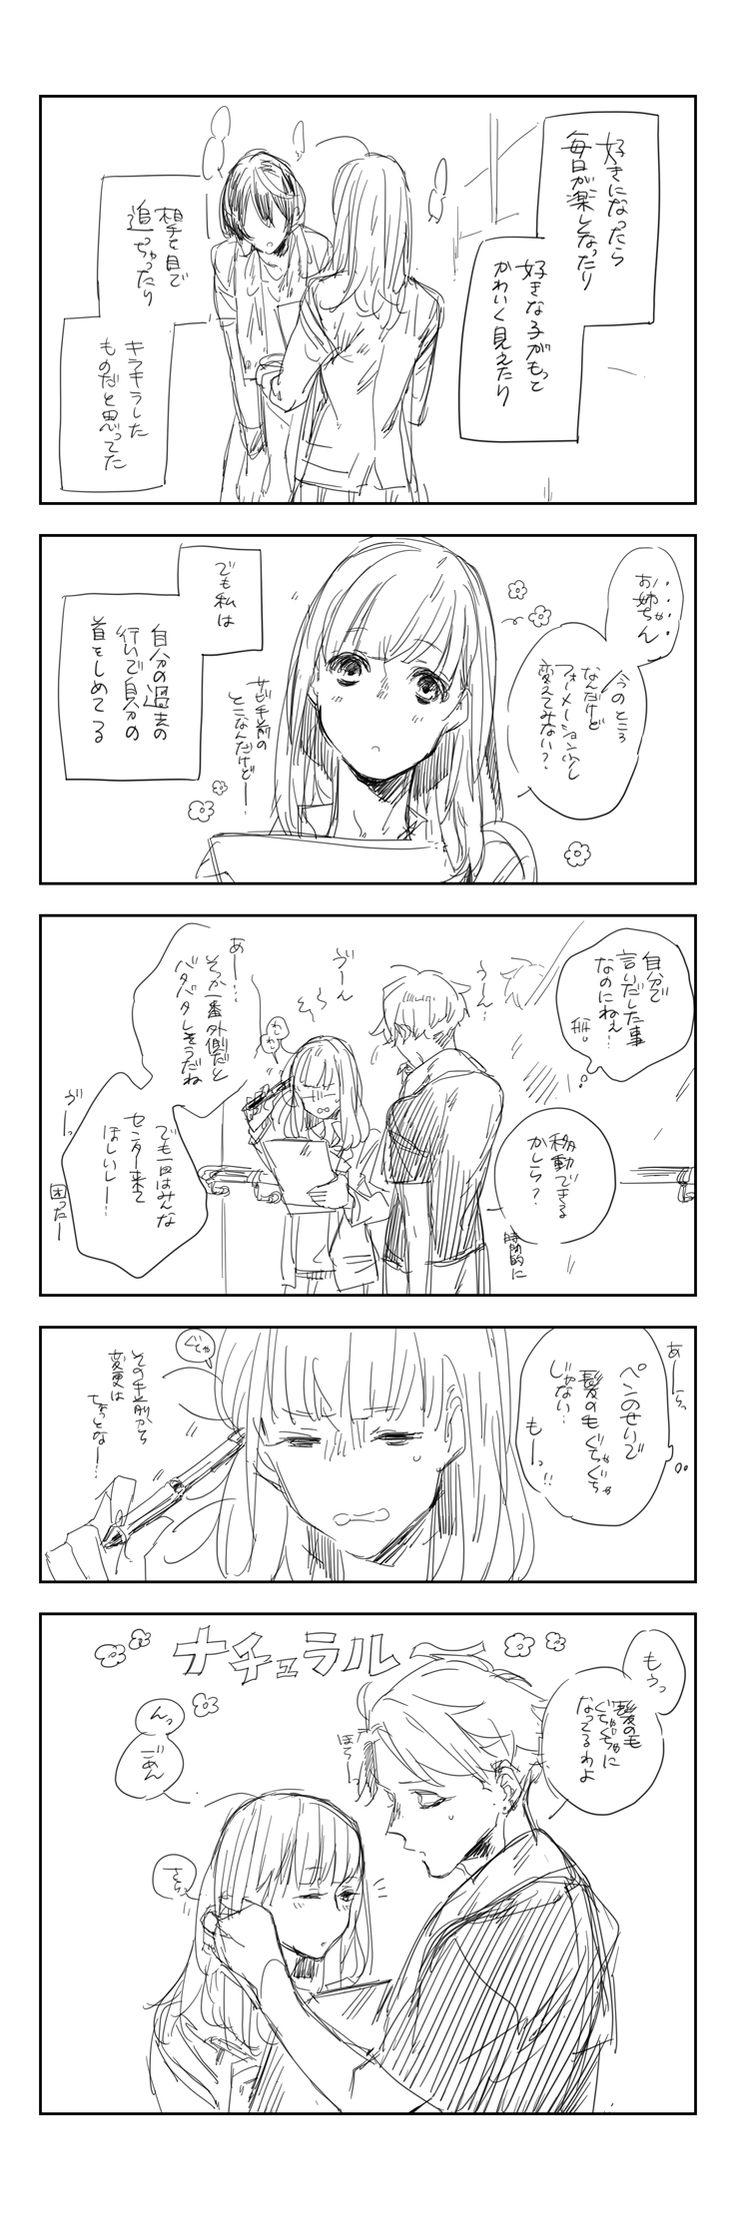 「【あんスタNL】鳴あん漫画」/「おむ・ザ・ライス」の漫画 [pixiv]